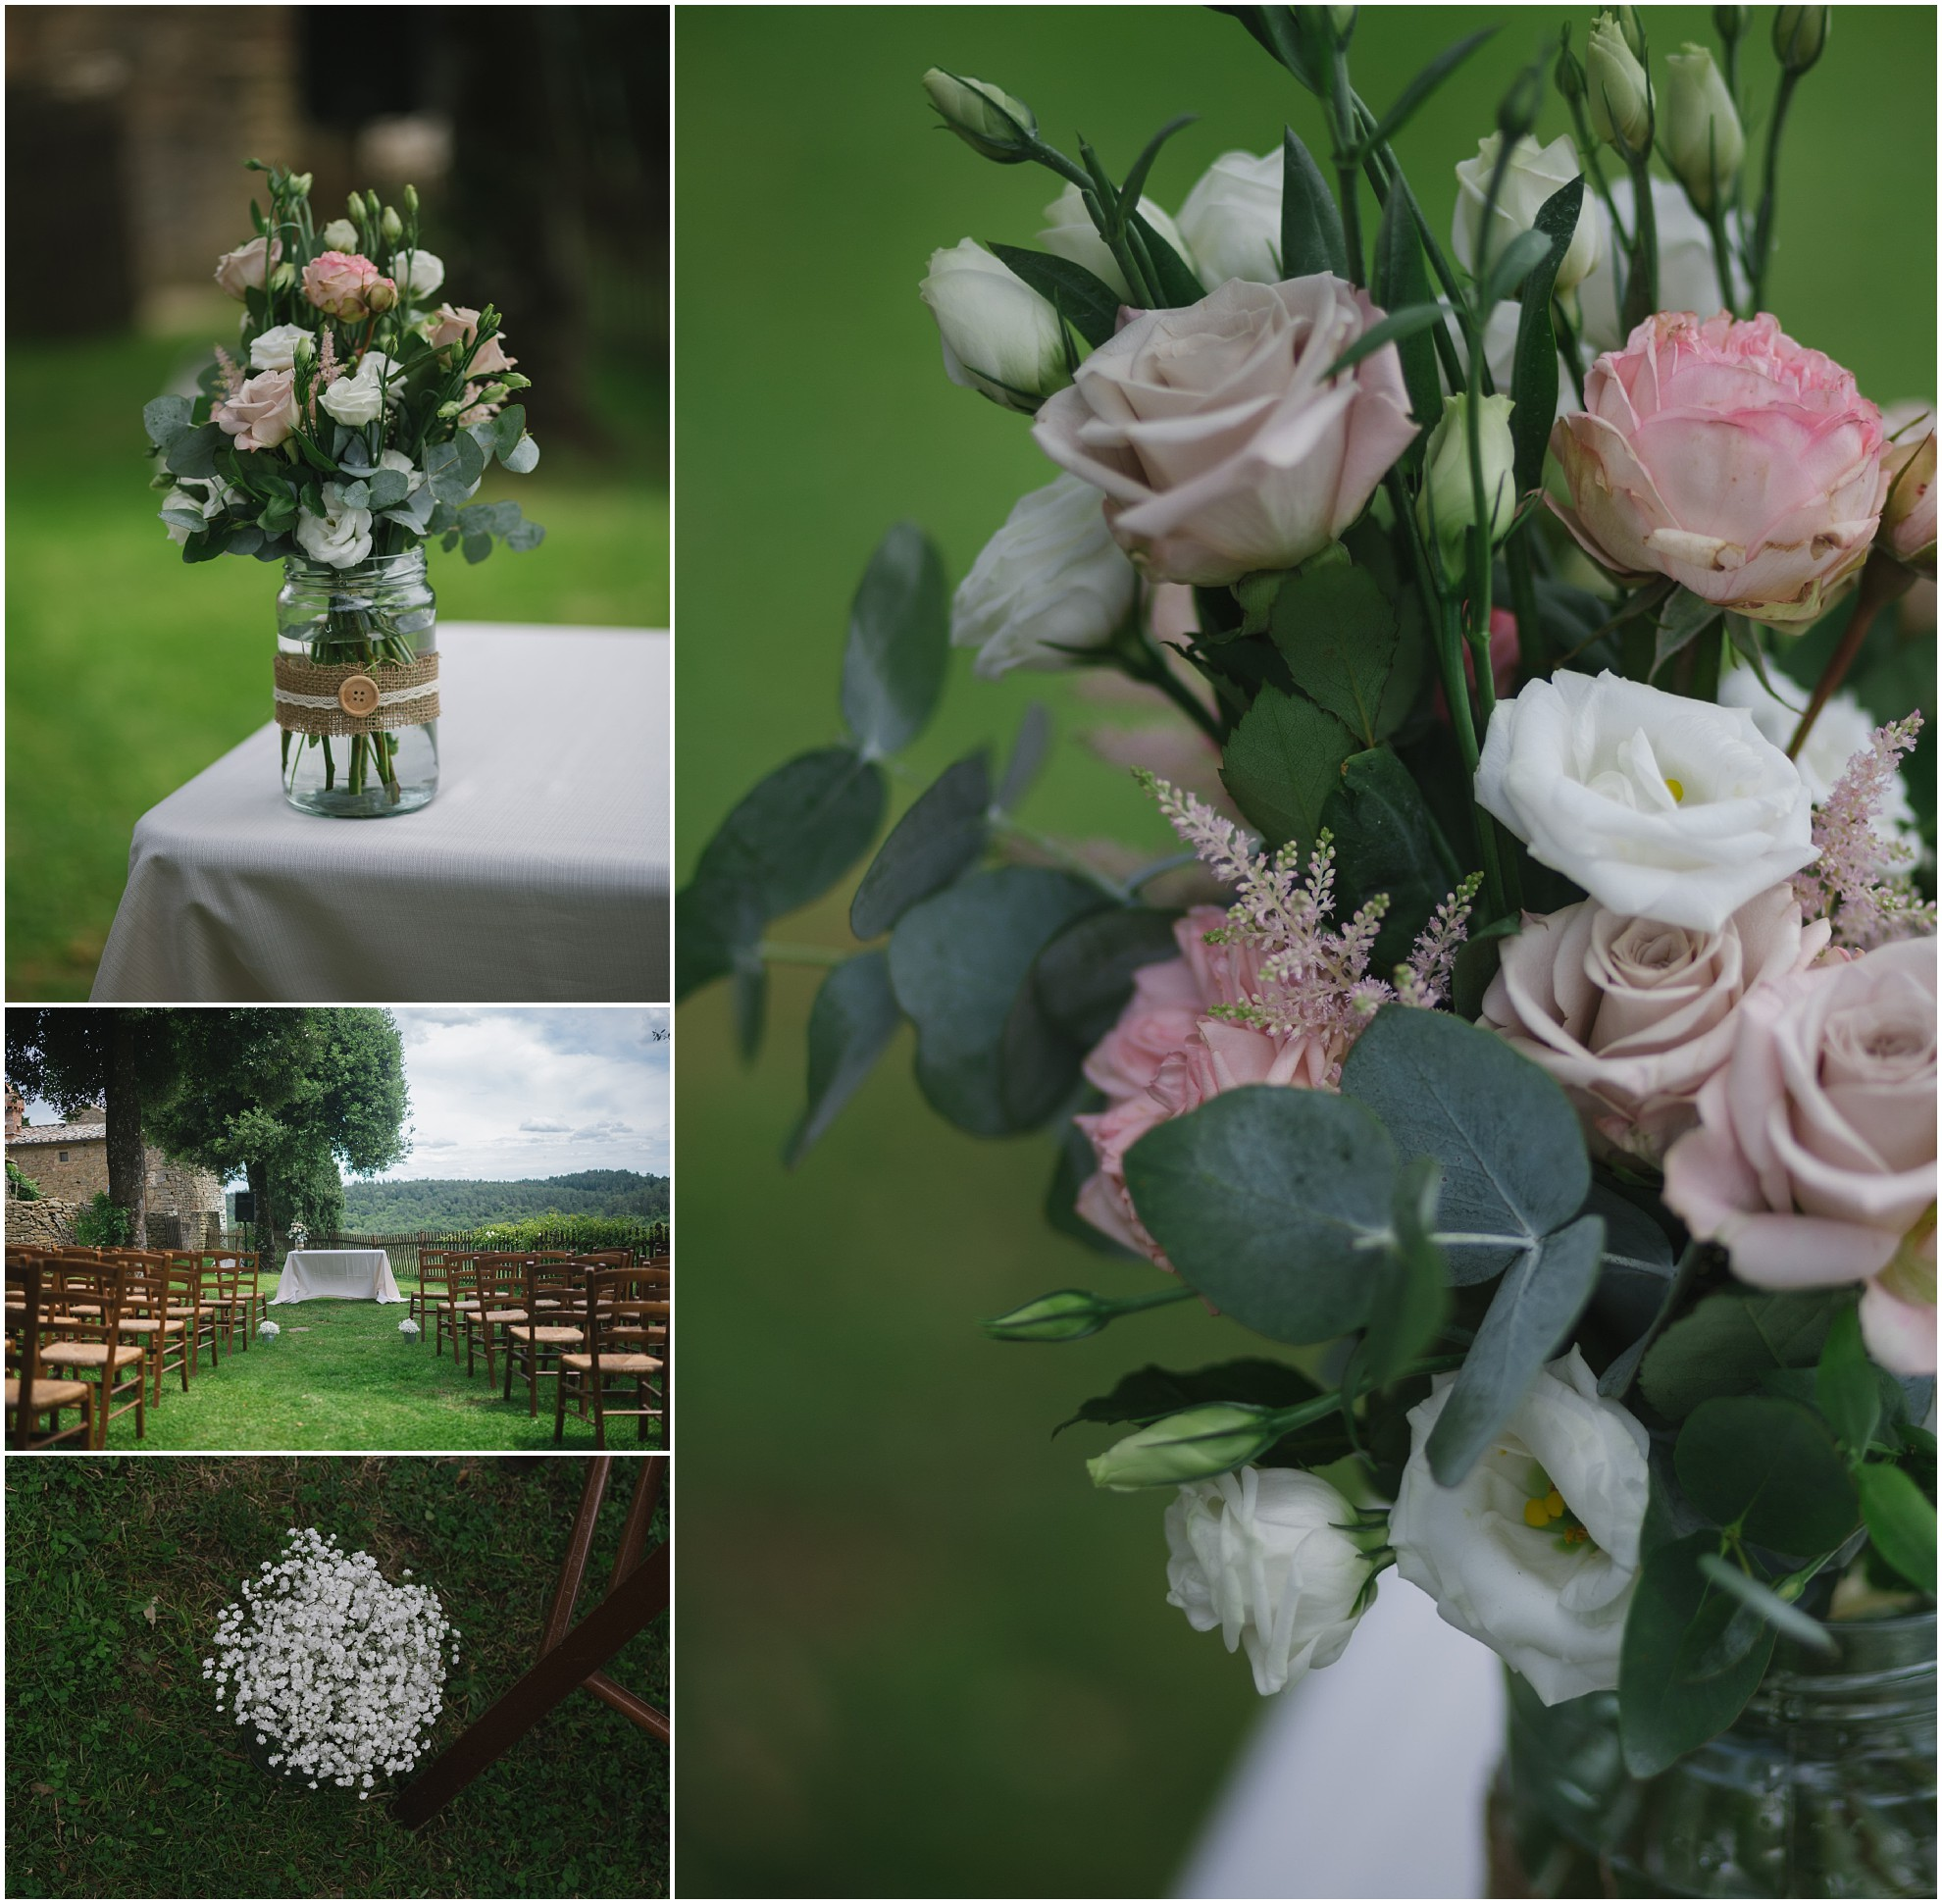 tuscany-wedding-photographer-022